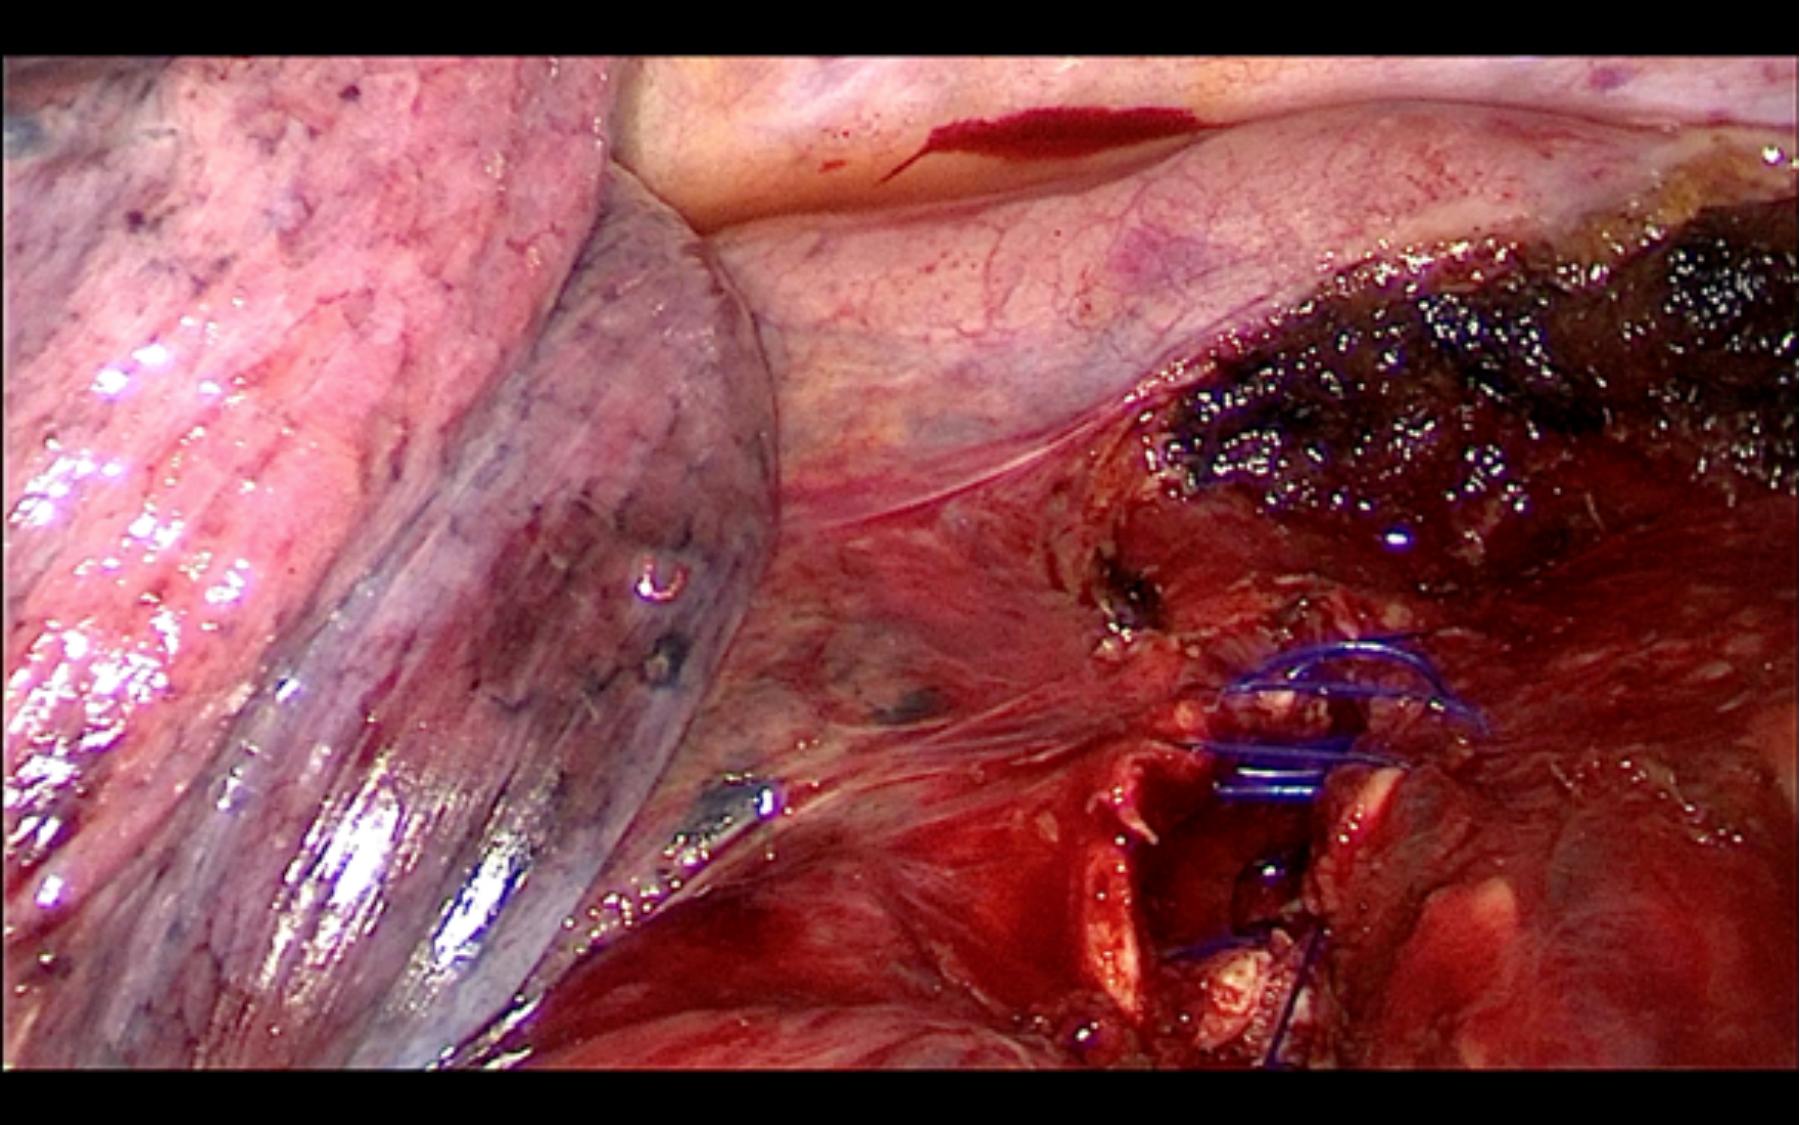 Cirugía - Sutura de la zona